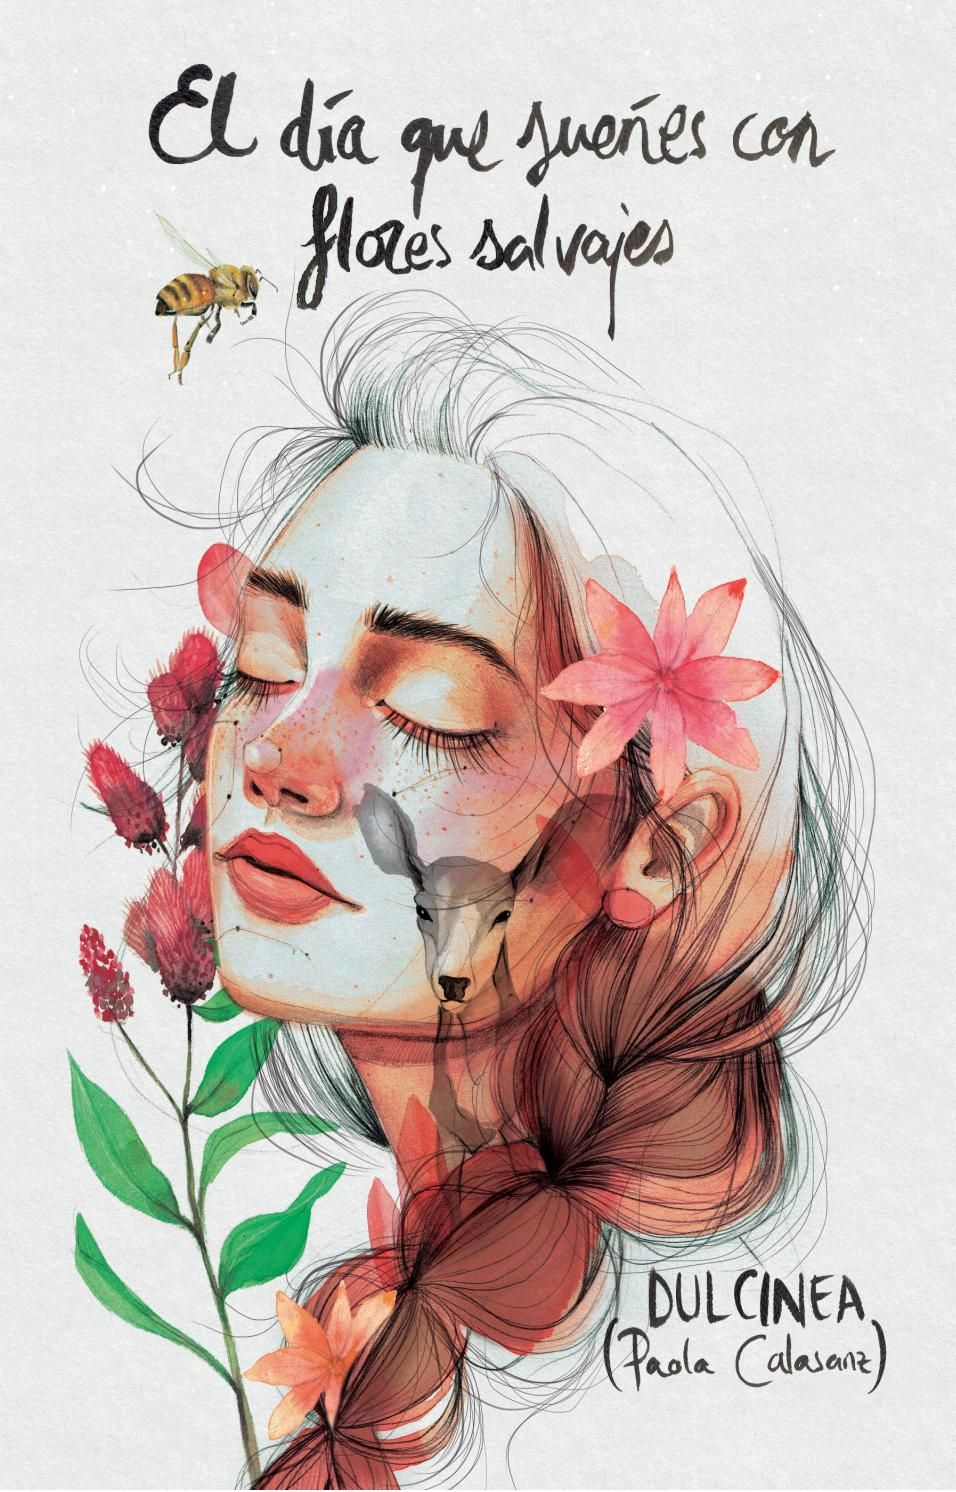 El Dia Que Suenes Con Flores Salvajes Dulcinea Paola Calasanz